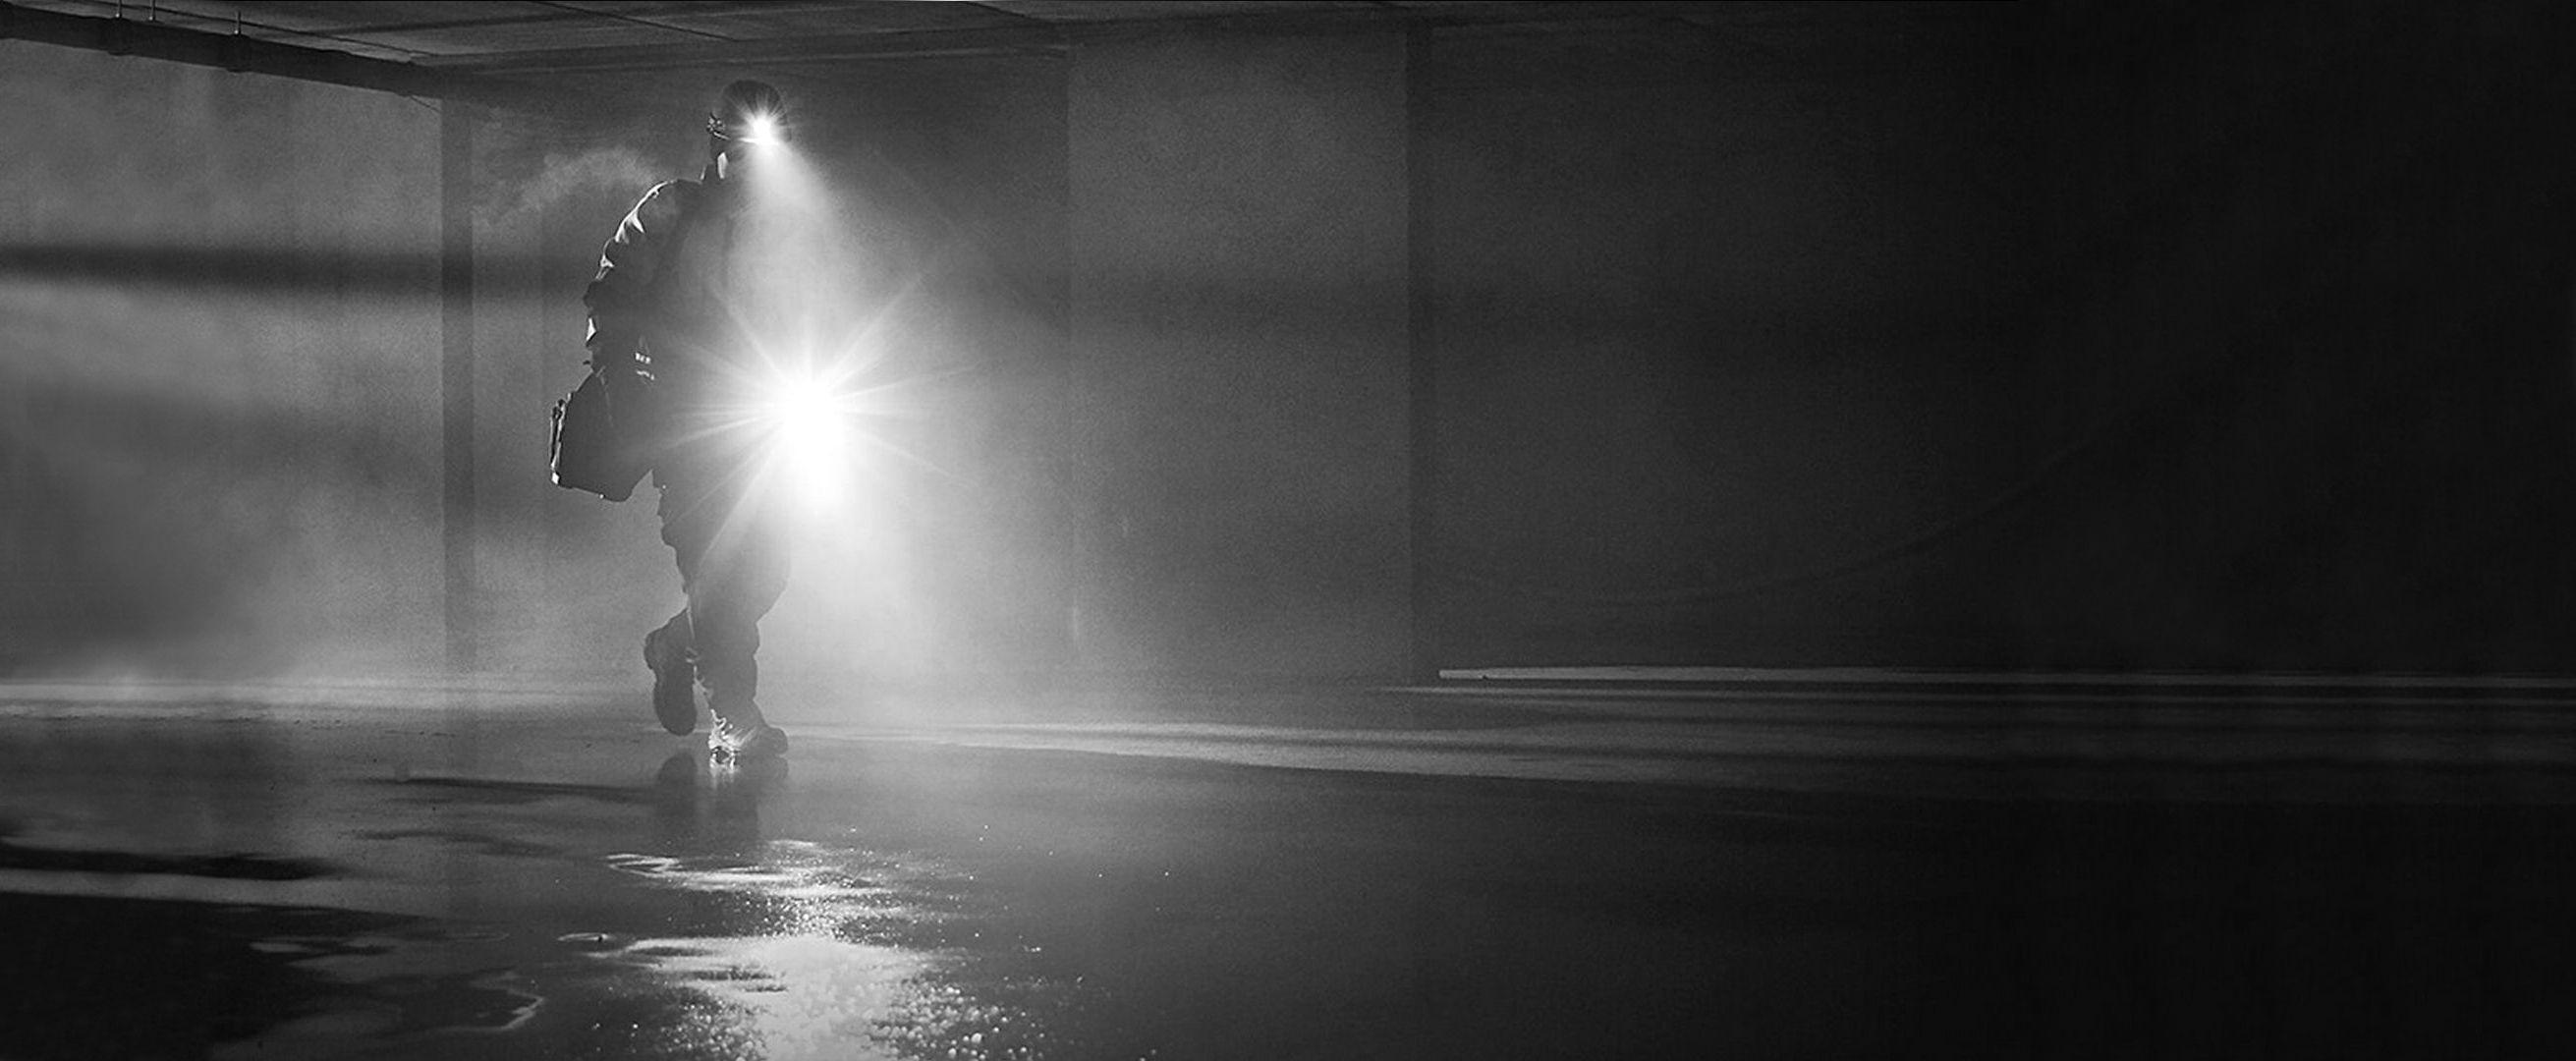 Image de lampe torche